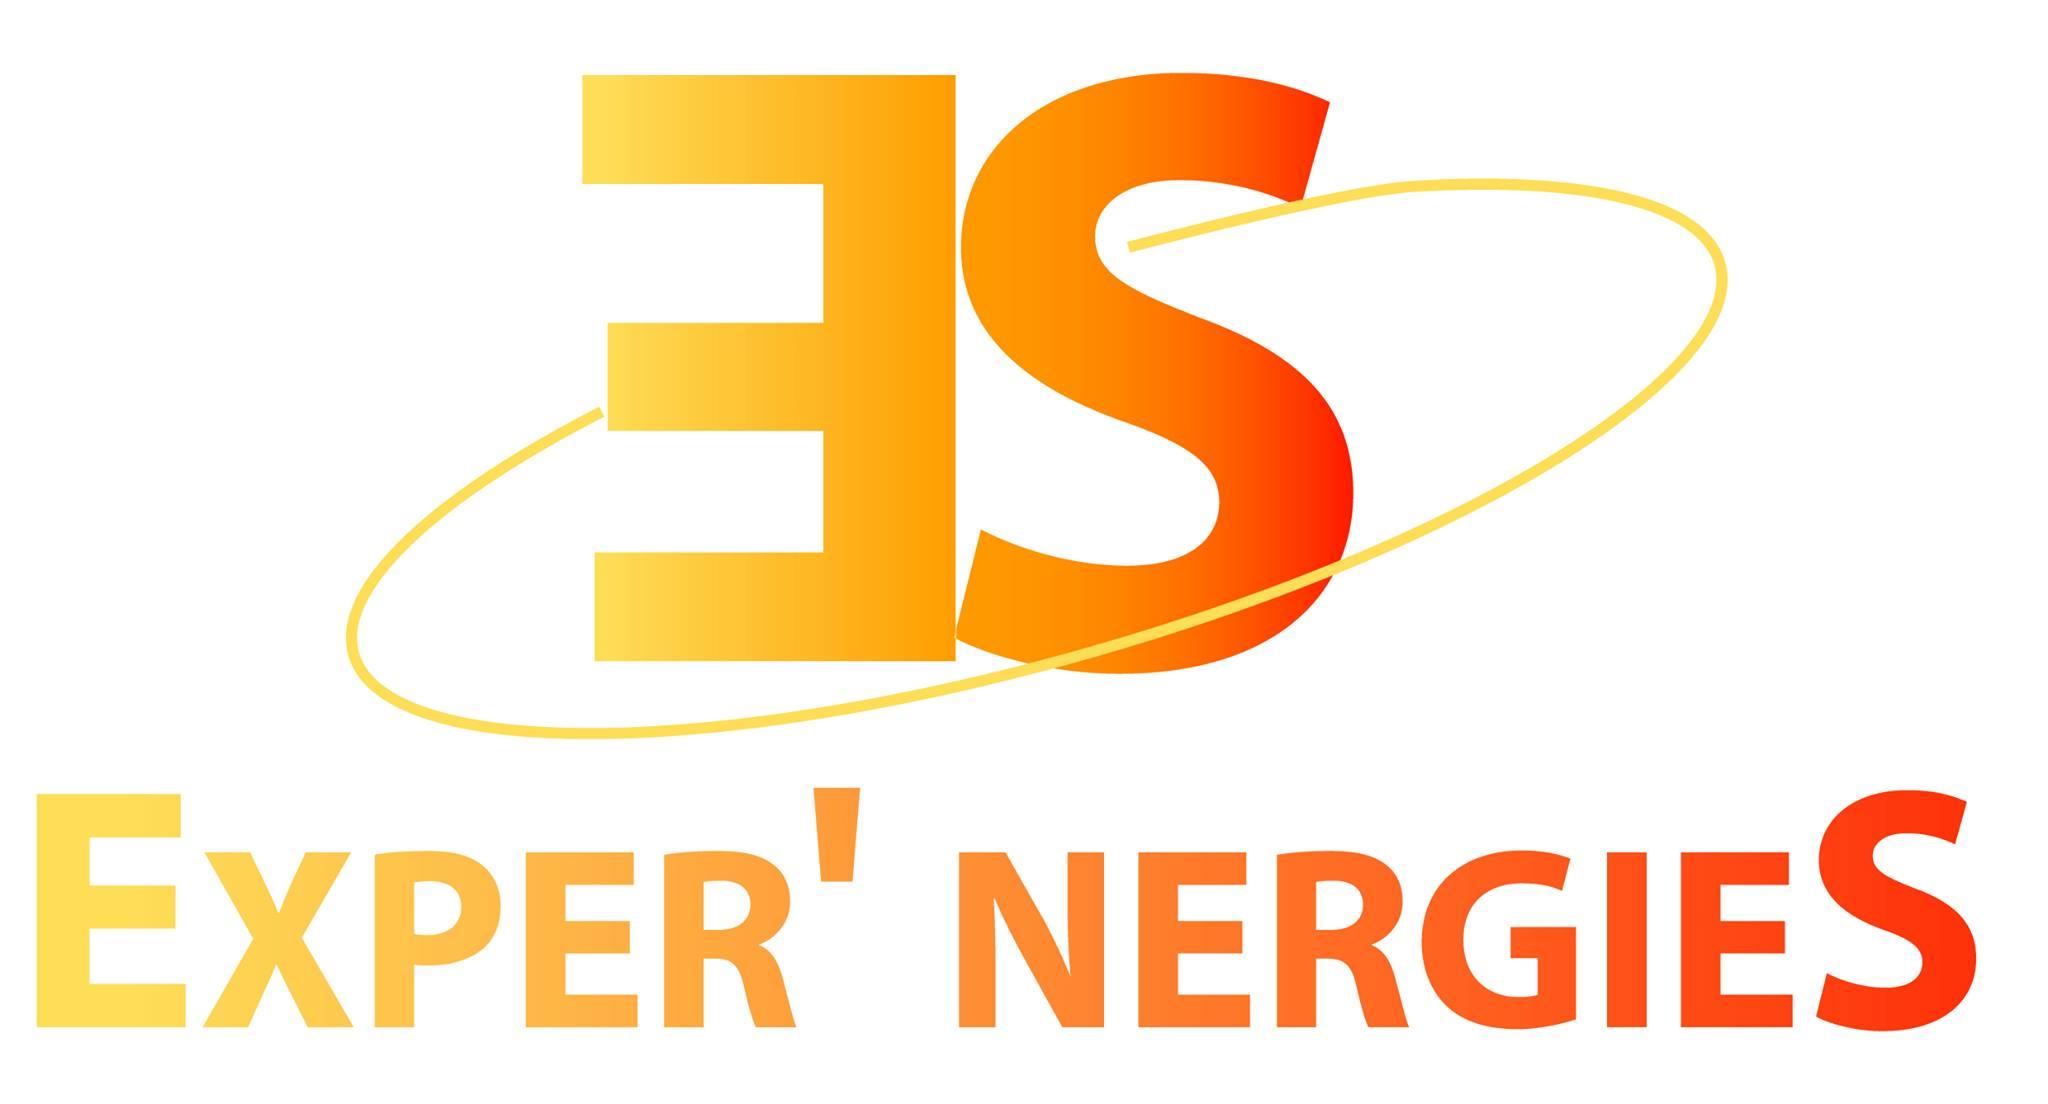 Expernergies